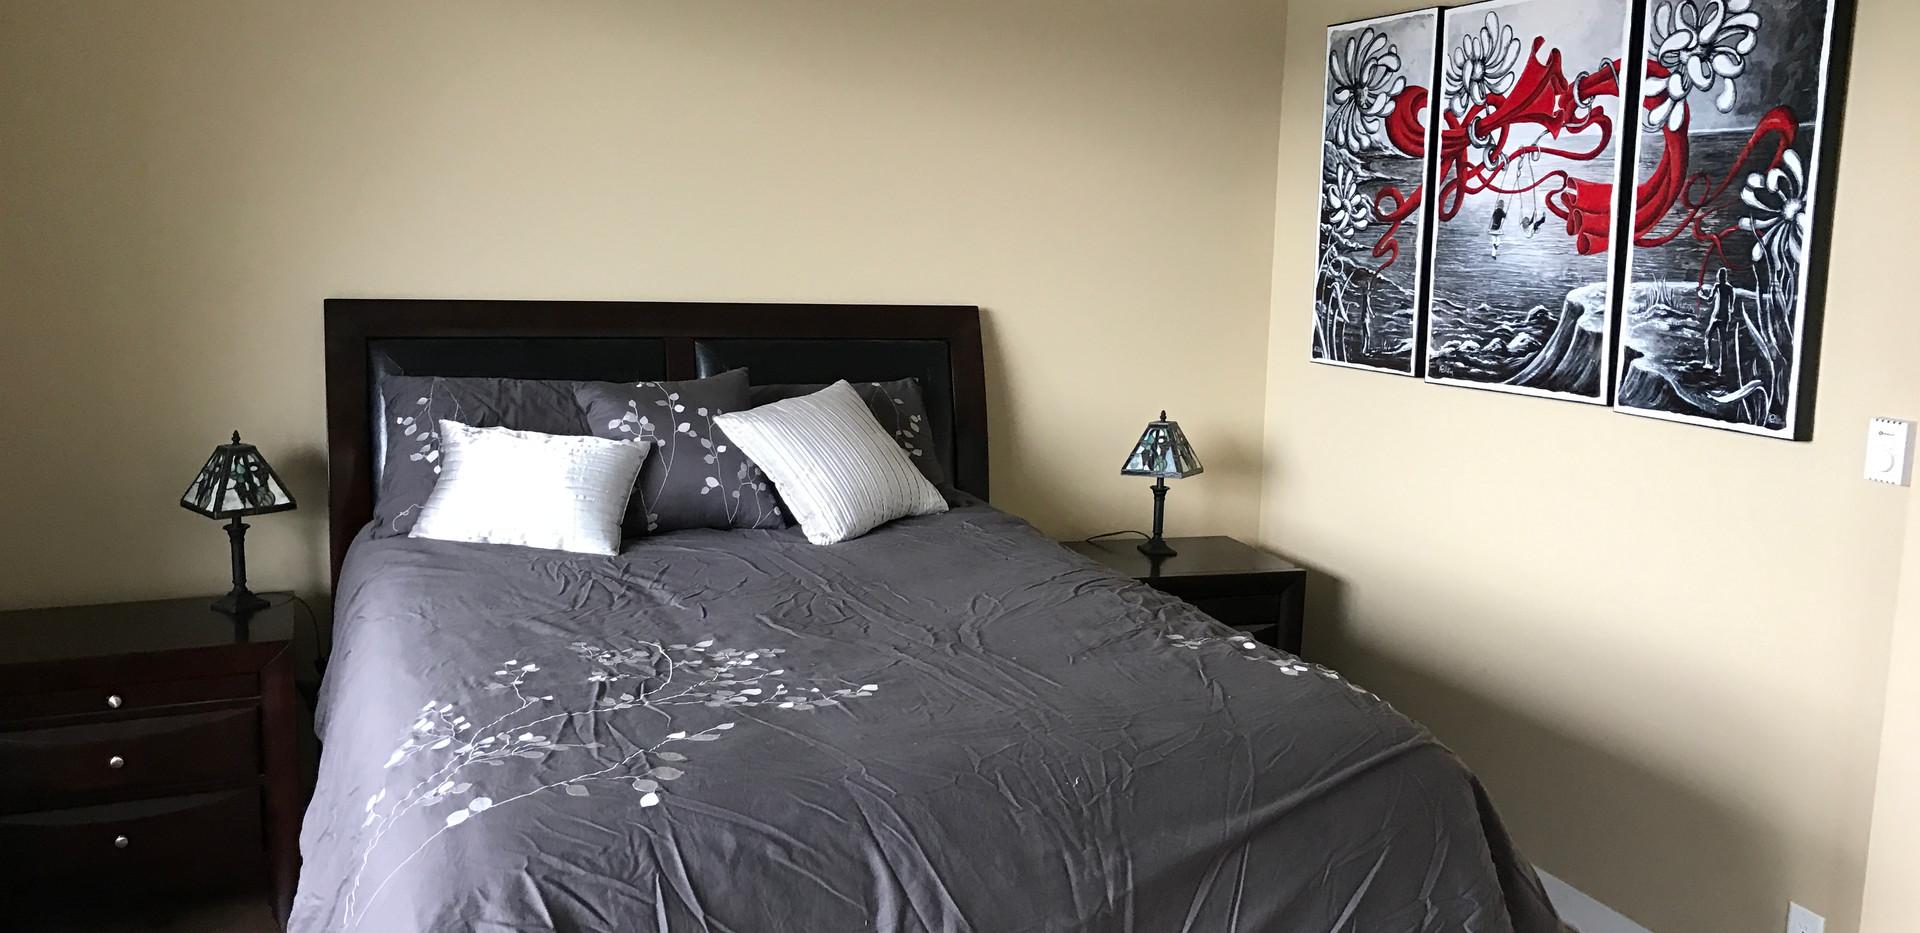 #4 Hyacinth - Bedroom #3 - Lakeview.JPG